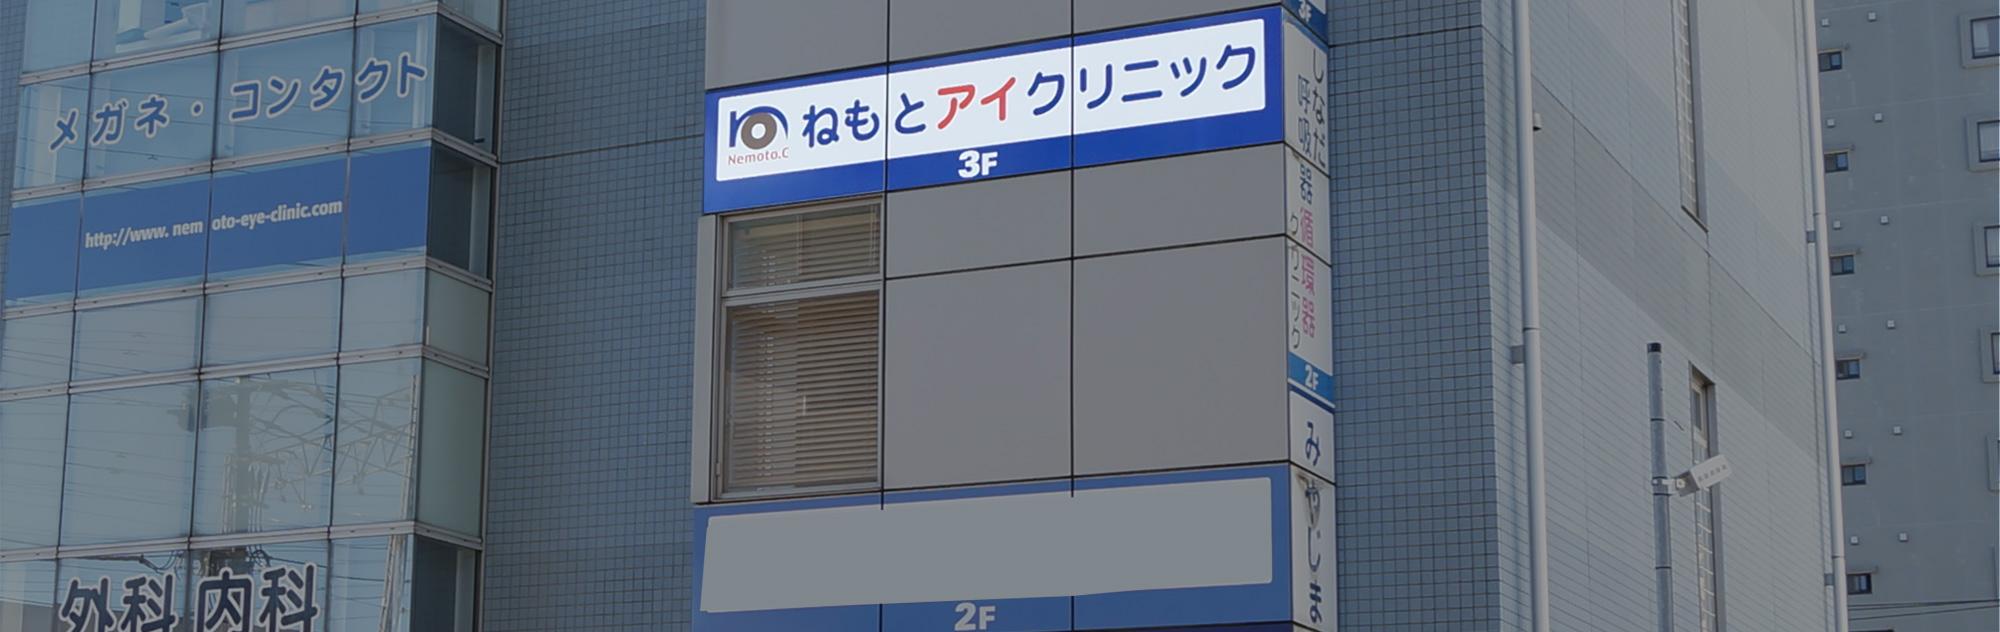 JR線・京王相模原線「橋本駅」徒歩3分の眼科 ねもとアイクリニック